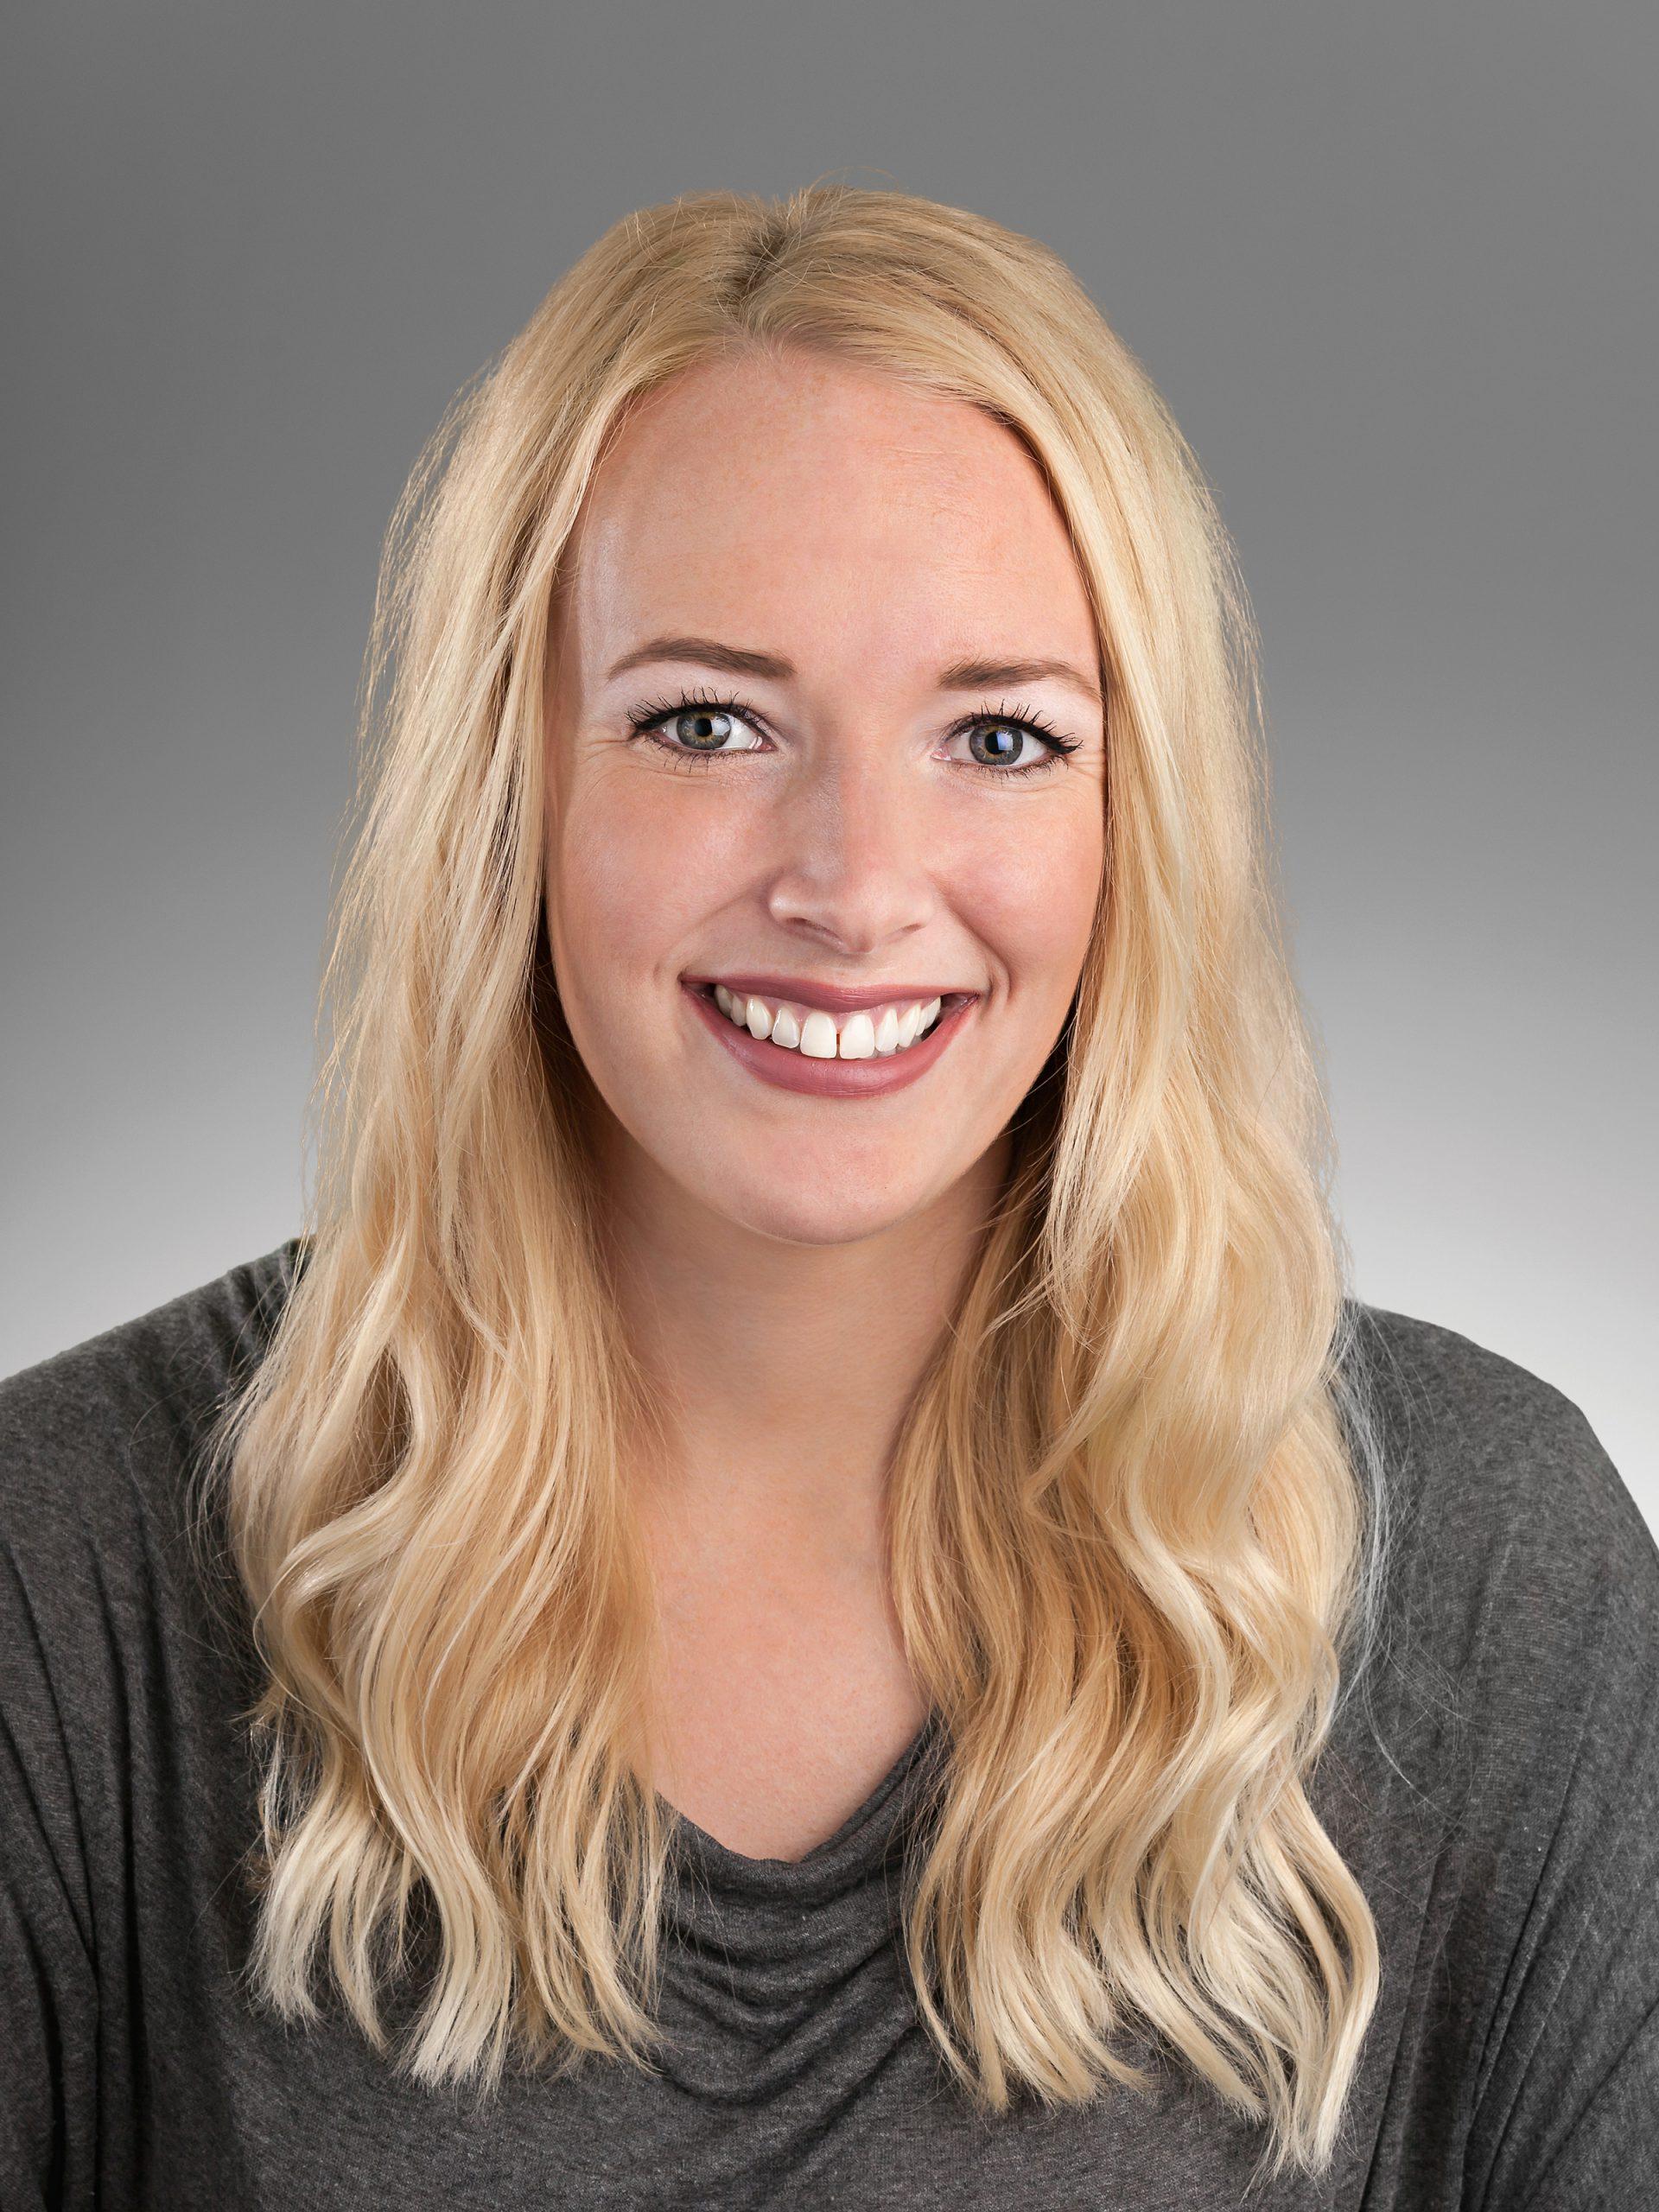 Photo of Alison Sonstelie